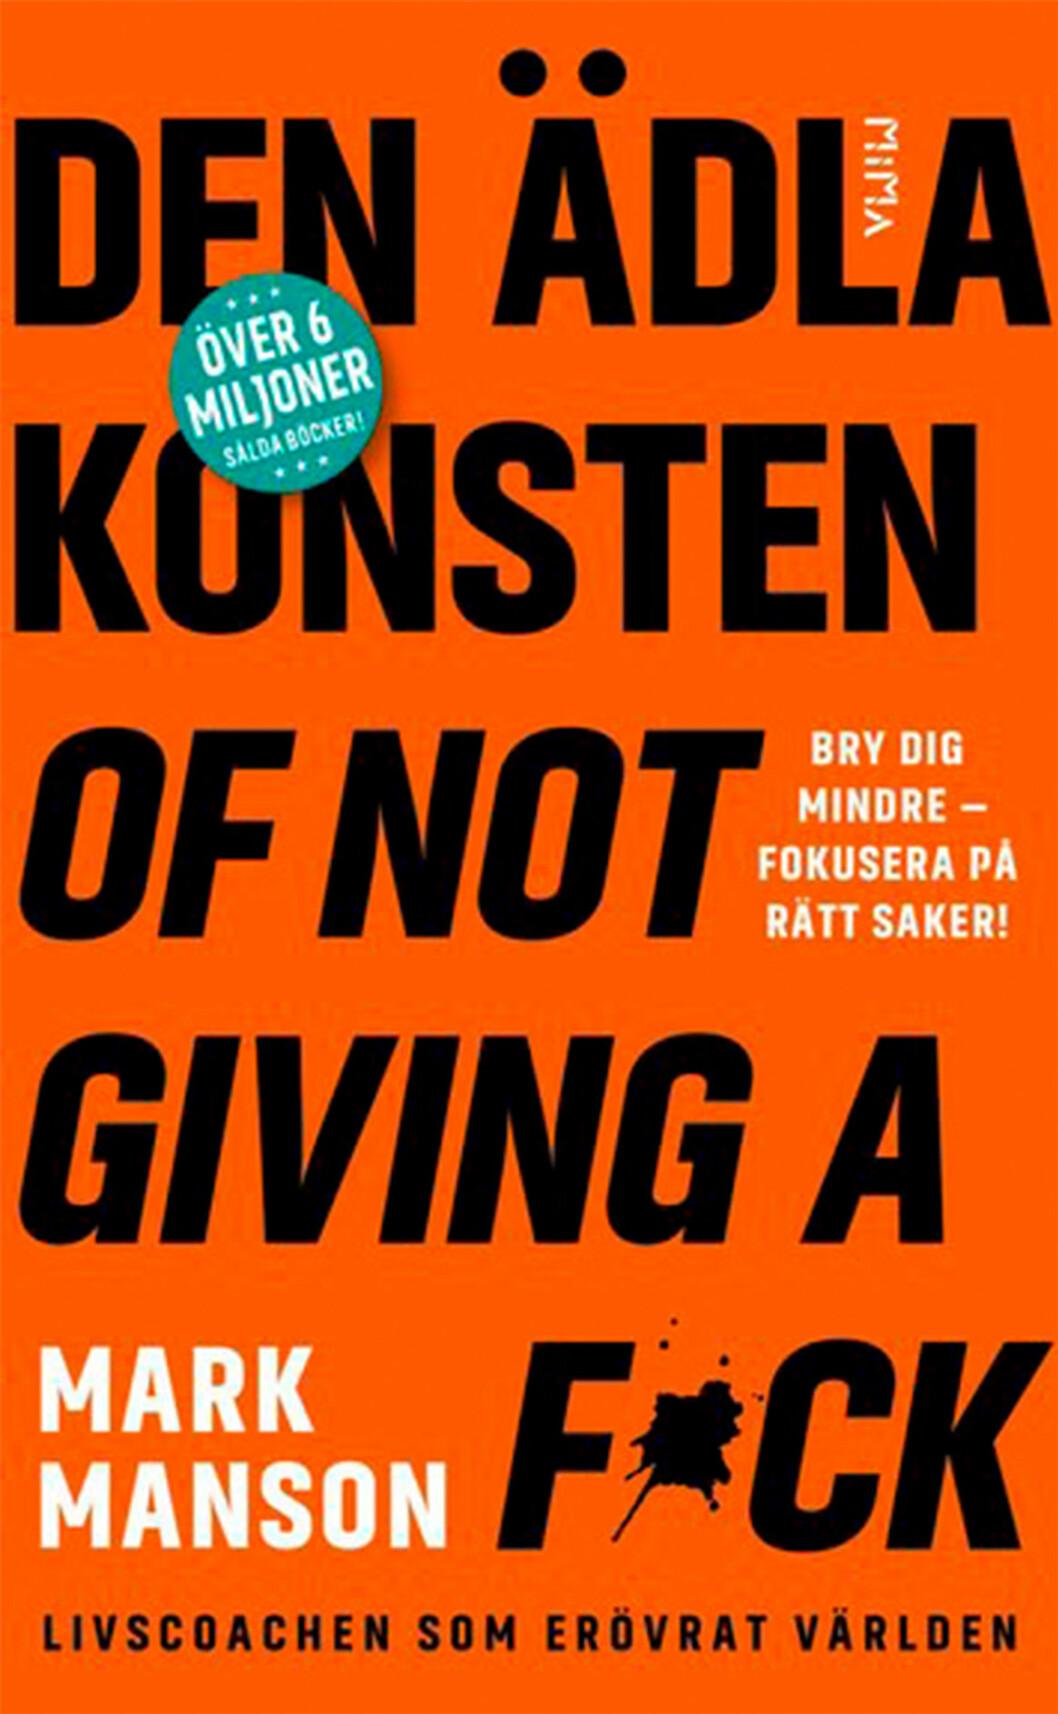 Bokomslag till Den ädla konsten of not giving a f*ck, boktiteln i stora bokstäver.